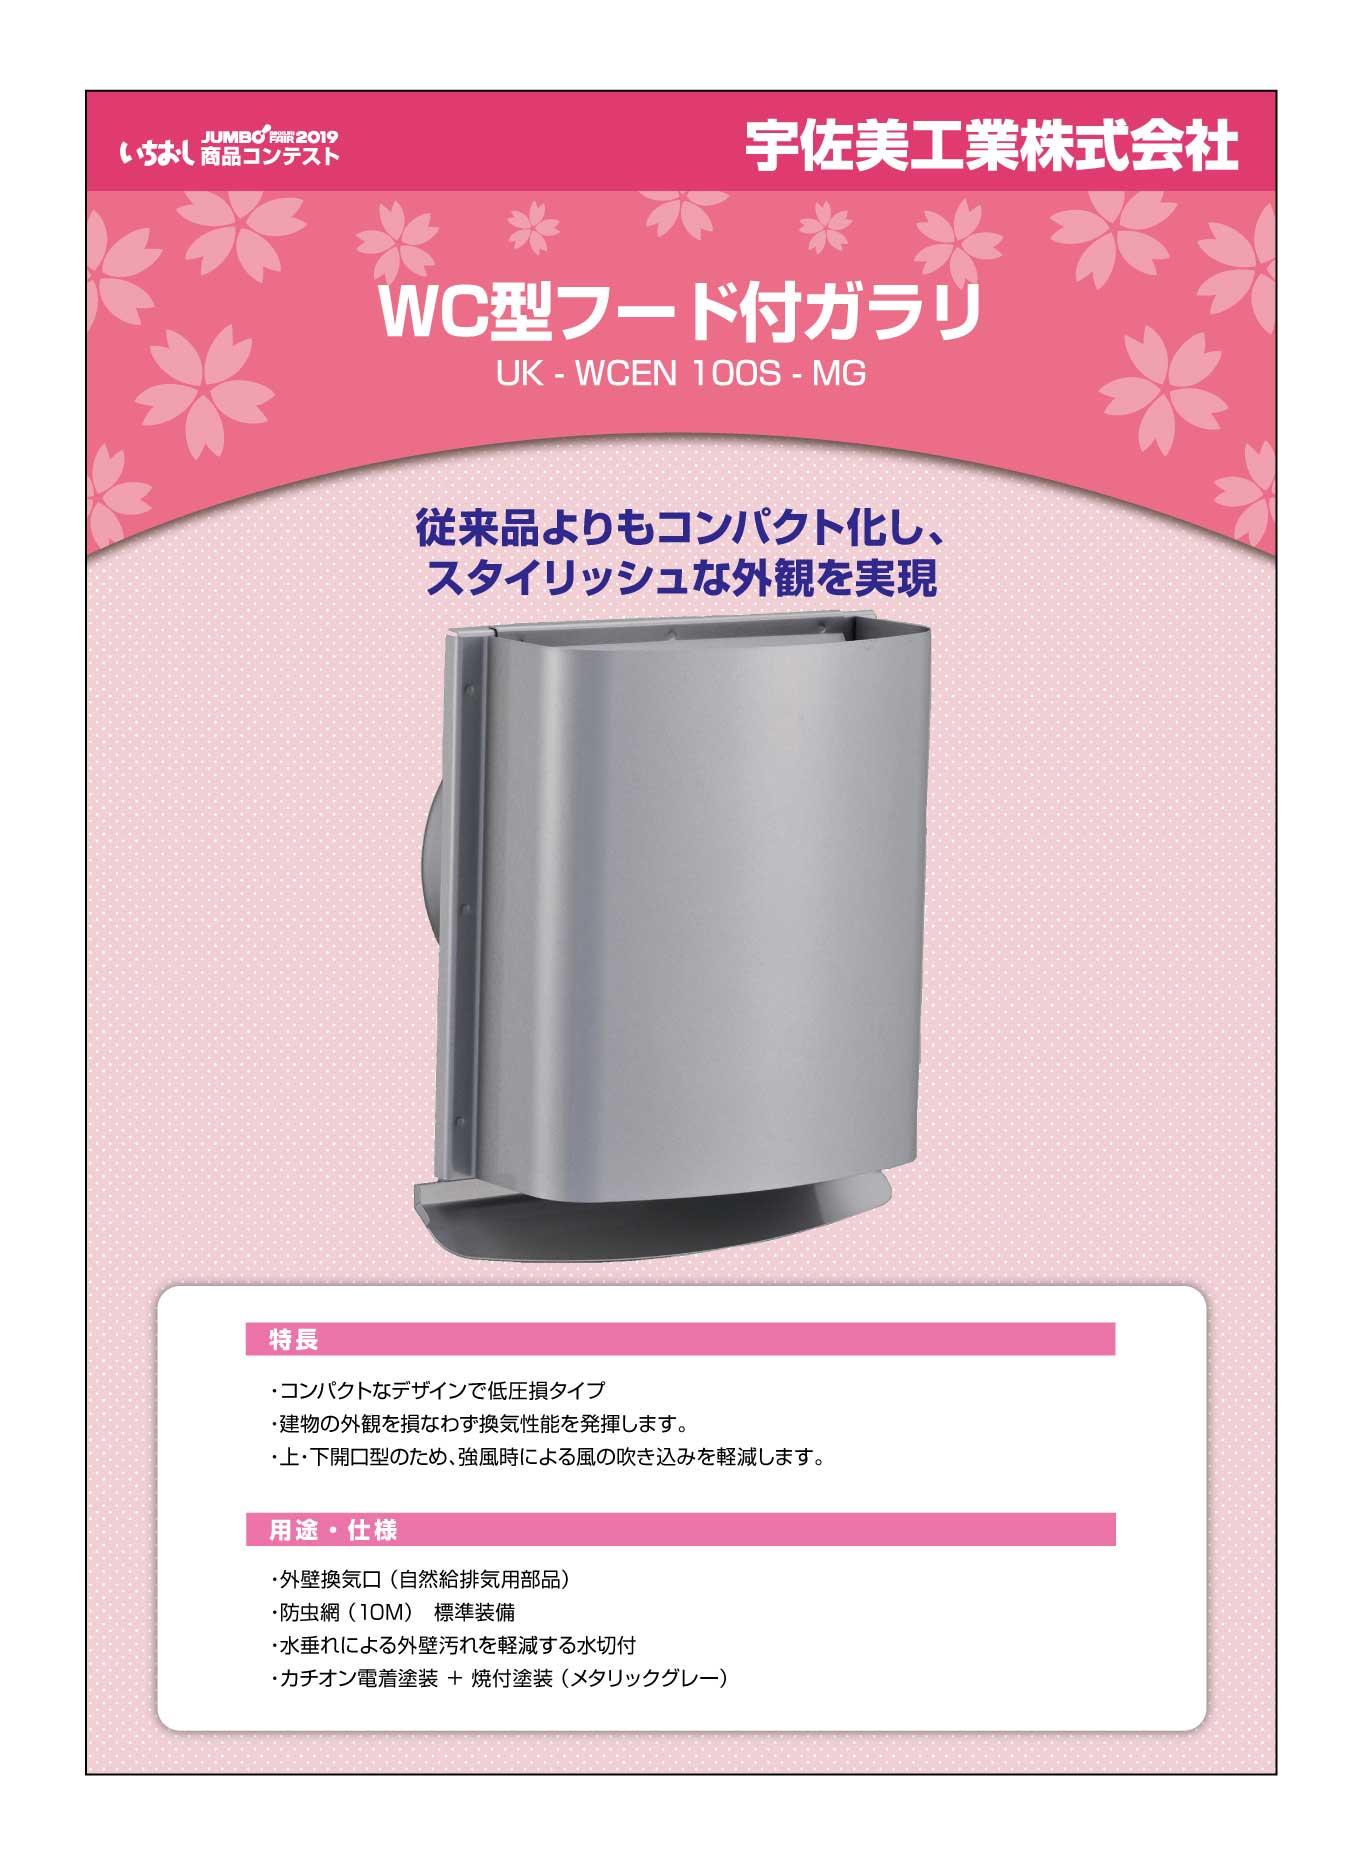 「WC型フード付ガラリ」宇佐美工業株式会社の画像